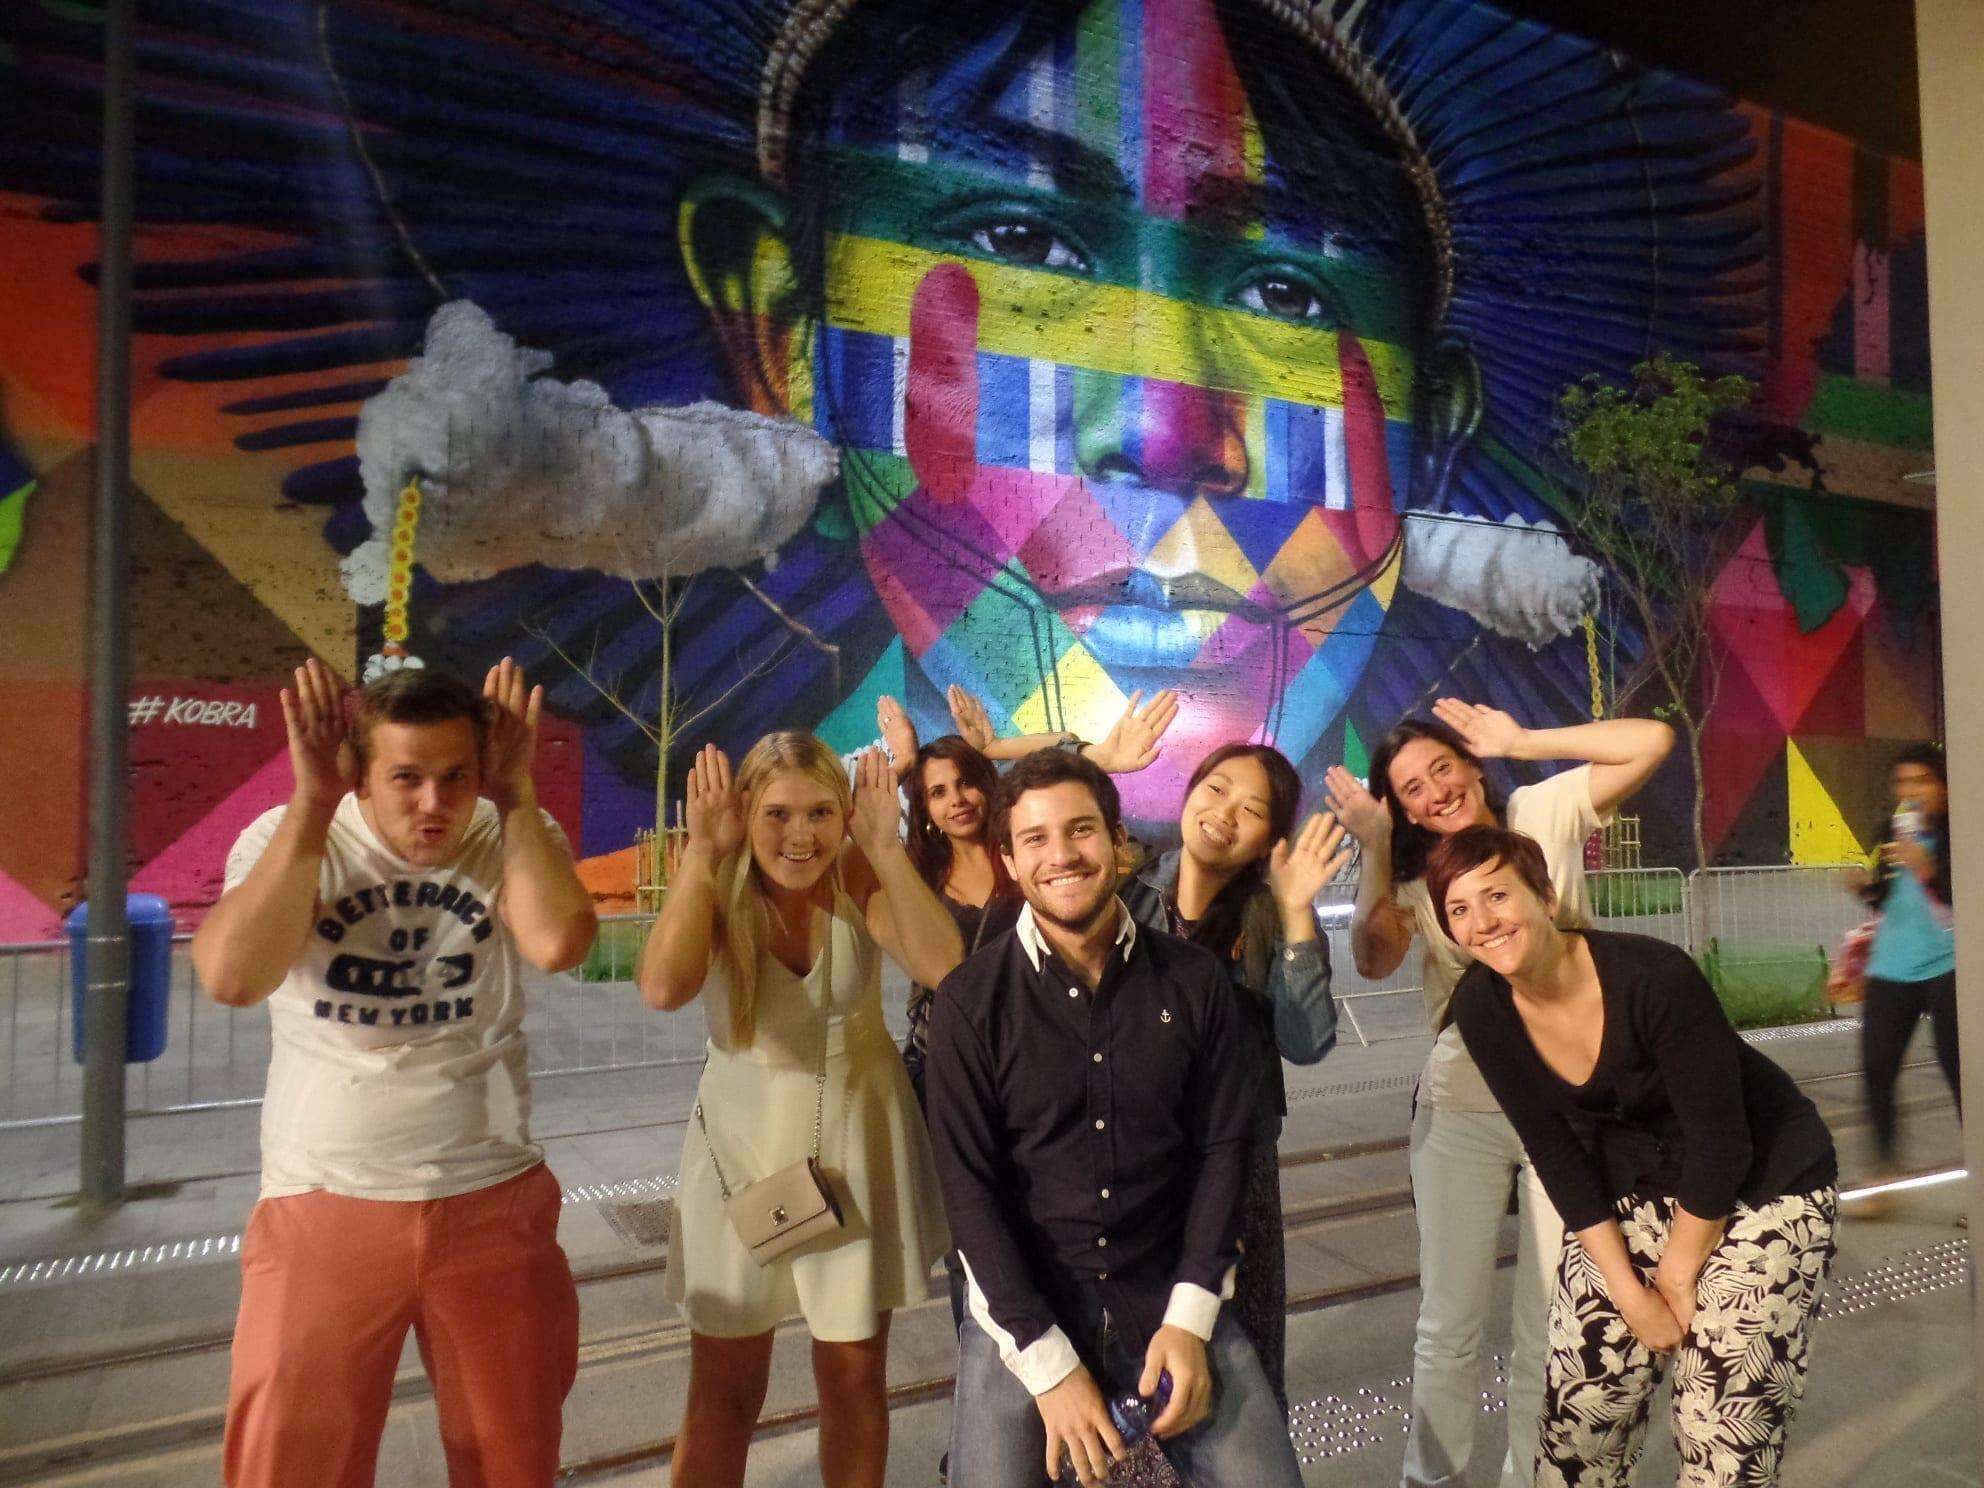 Estudiantes de la Rio & Learn bromeando en el Porto Maravilha en Río de Janeiro con un graffiti gigante detrás.